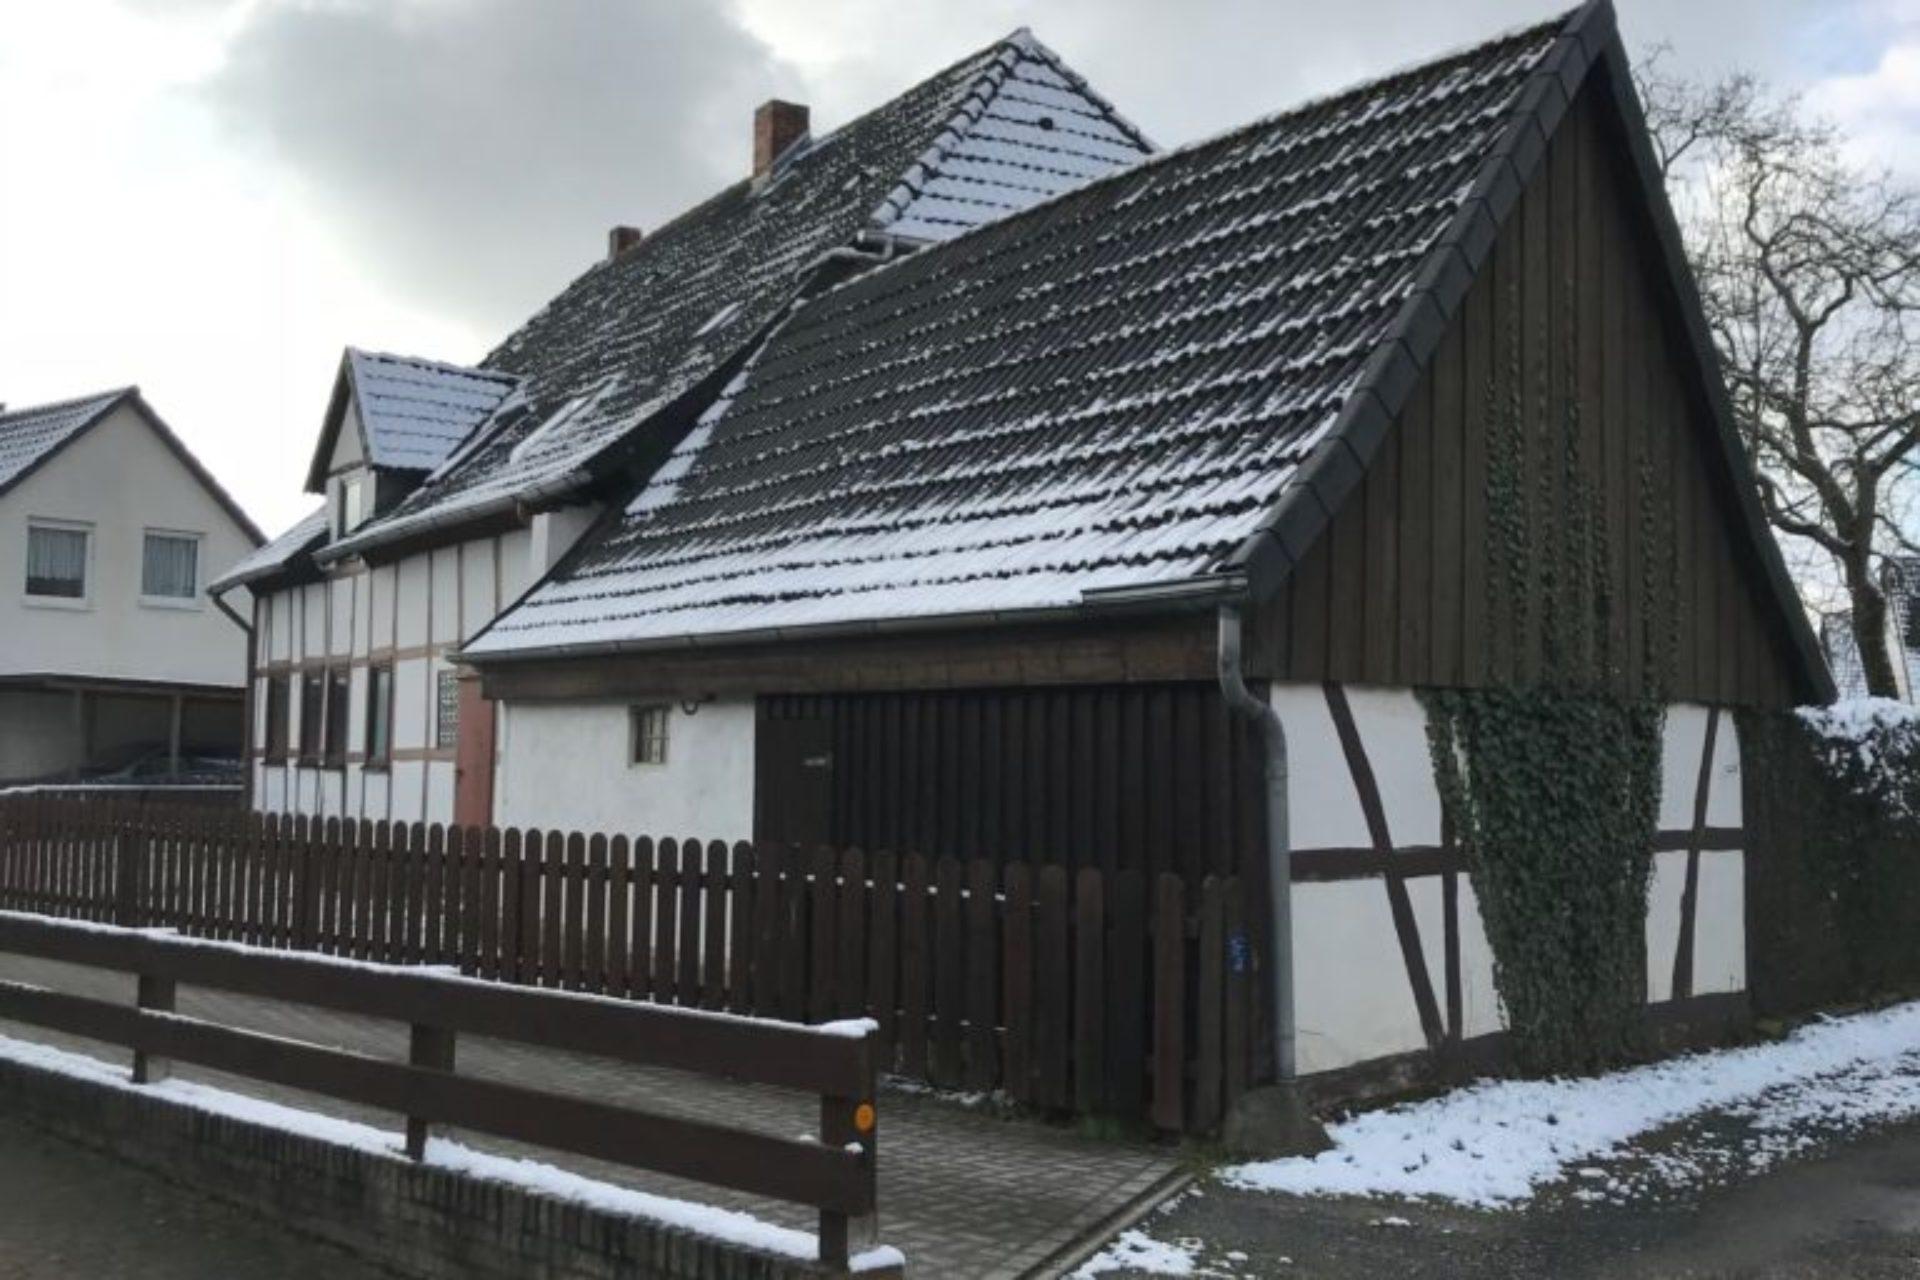 Lehrte - Neubau Doppelhaus - vorher